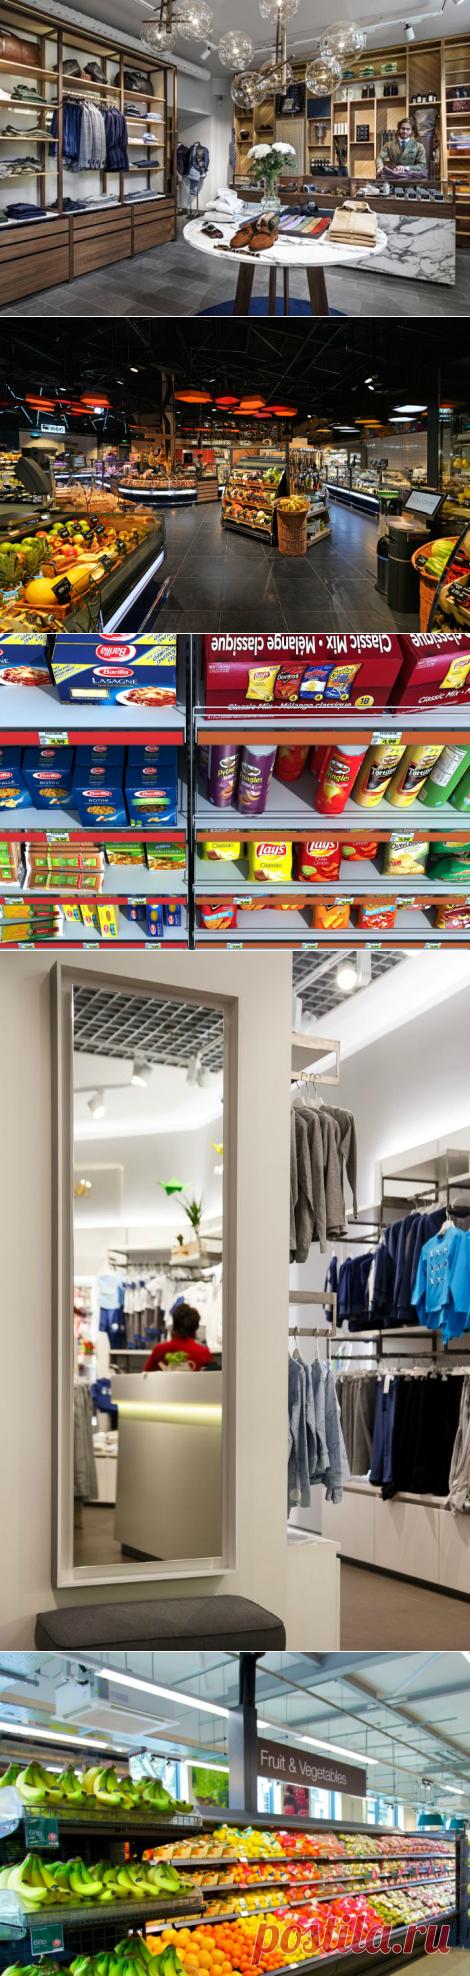 Хитрости крупных магазинов, которые заставляют тратить больше — Лайфхаки